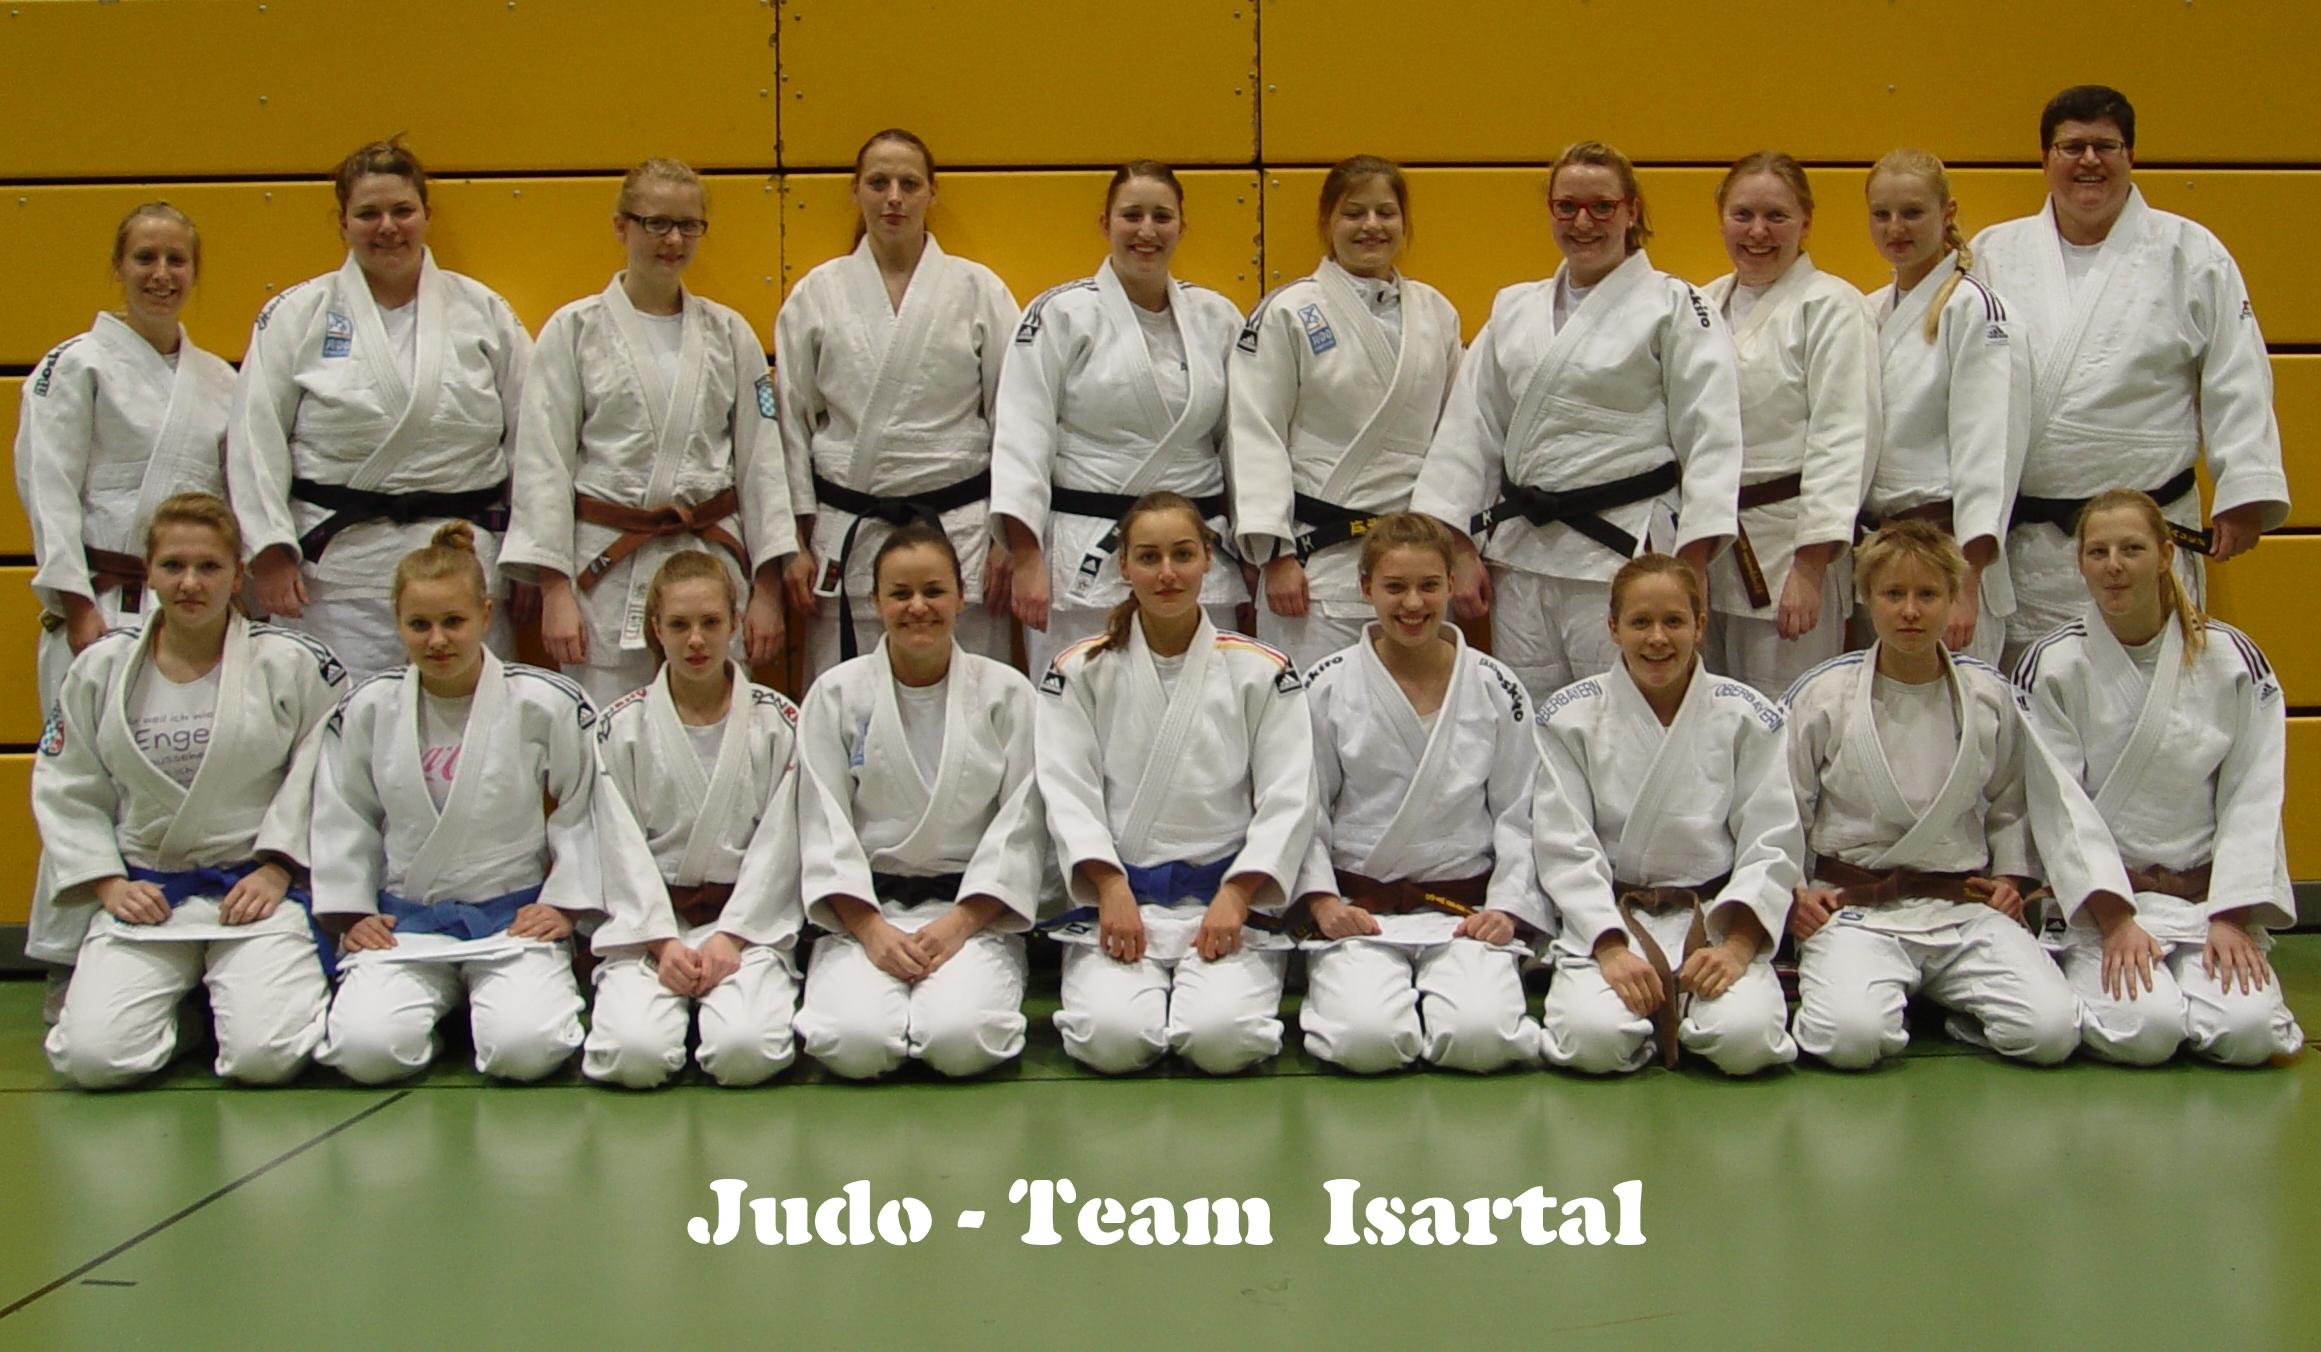 Judoteam Isartal 2015